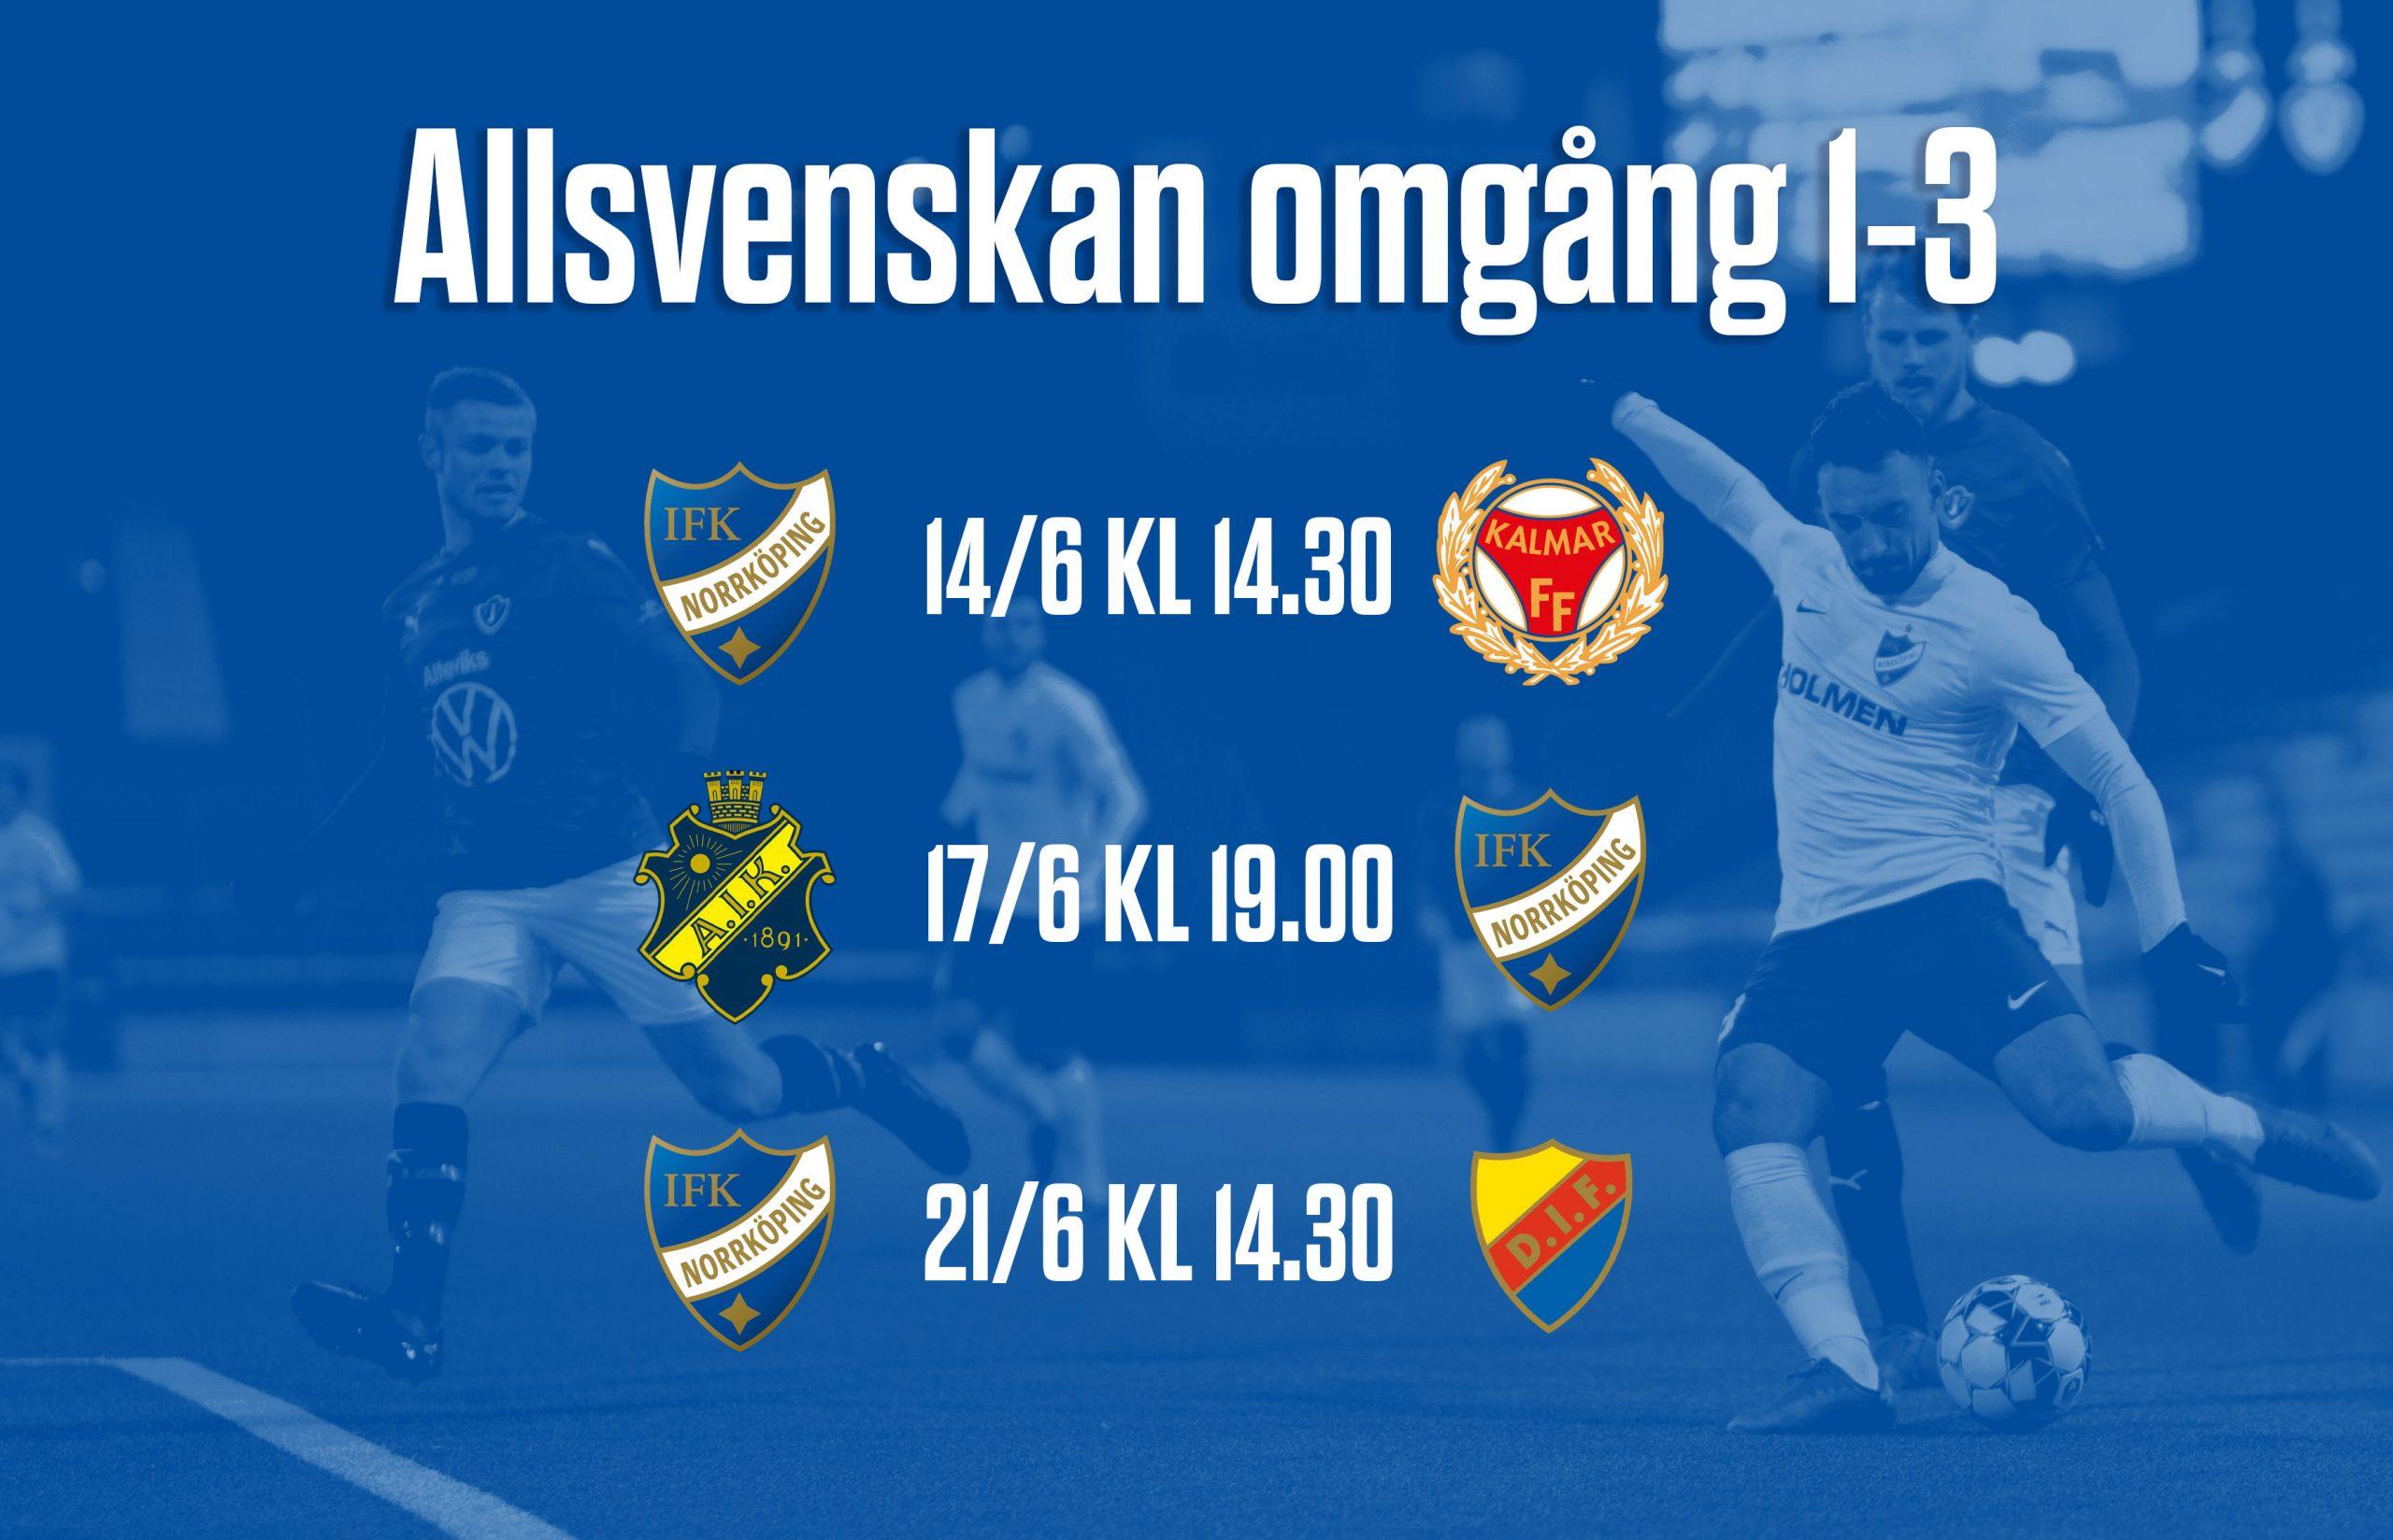 Omgang 4 6 Av Allsvenskan Har Faststallts Ifk Norrkoping